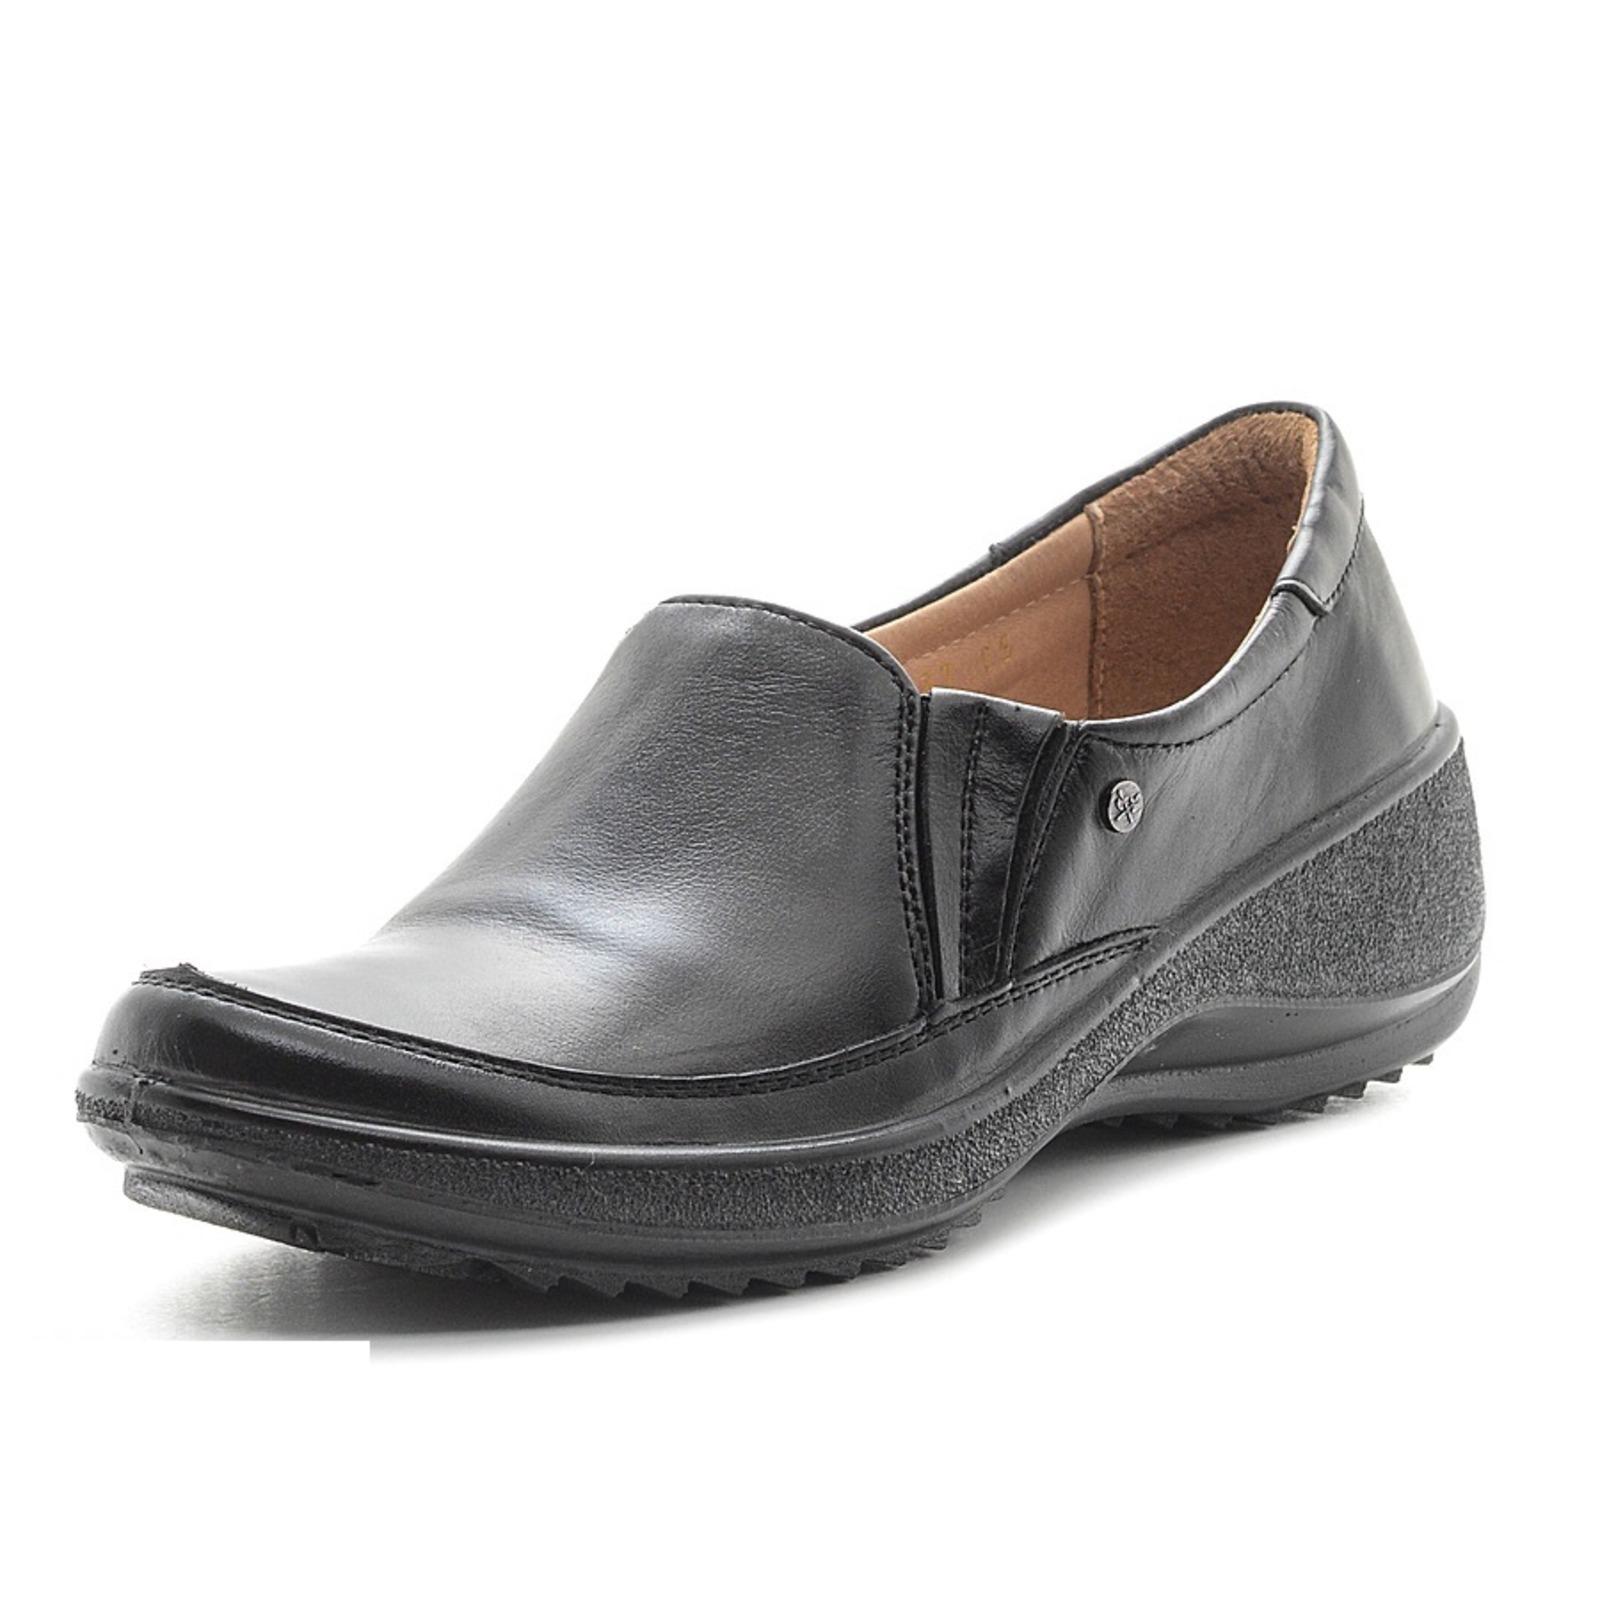 Женские туфли с элacтичными вставками